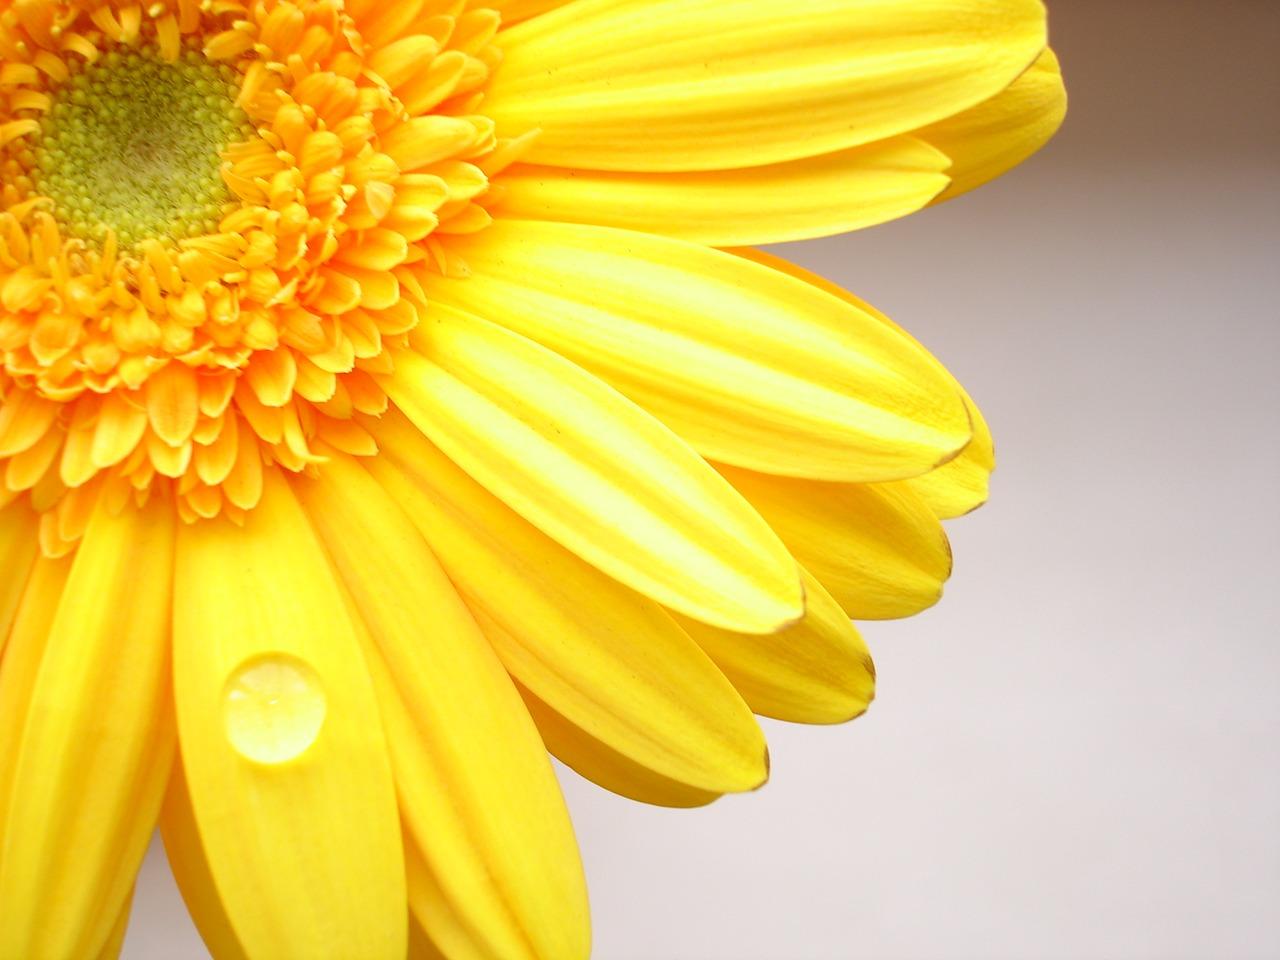 Hd wallpaper yellow flowers - Yellow Flowers Hd Free Wallpaper